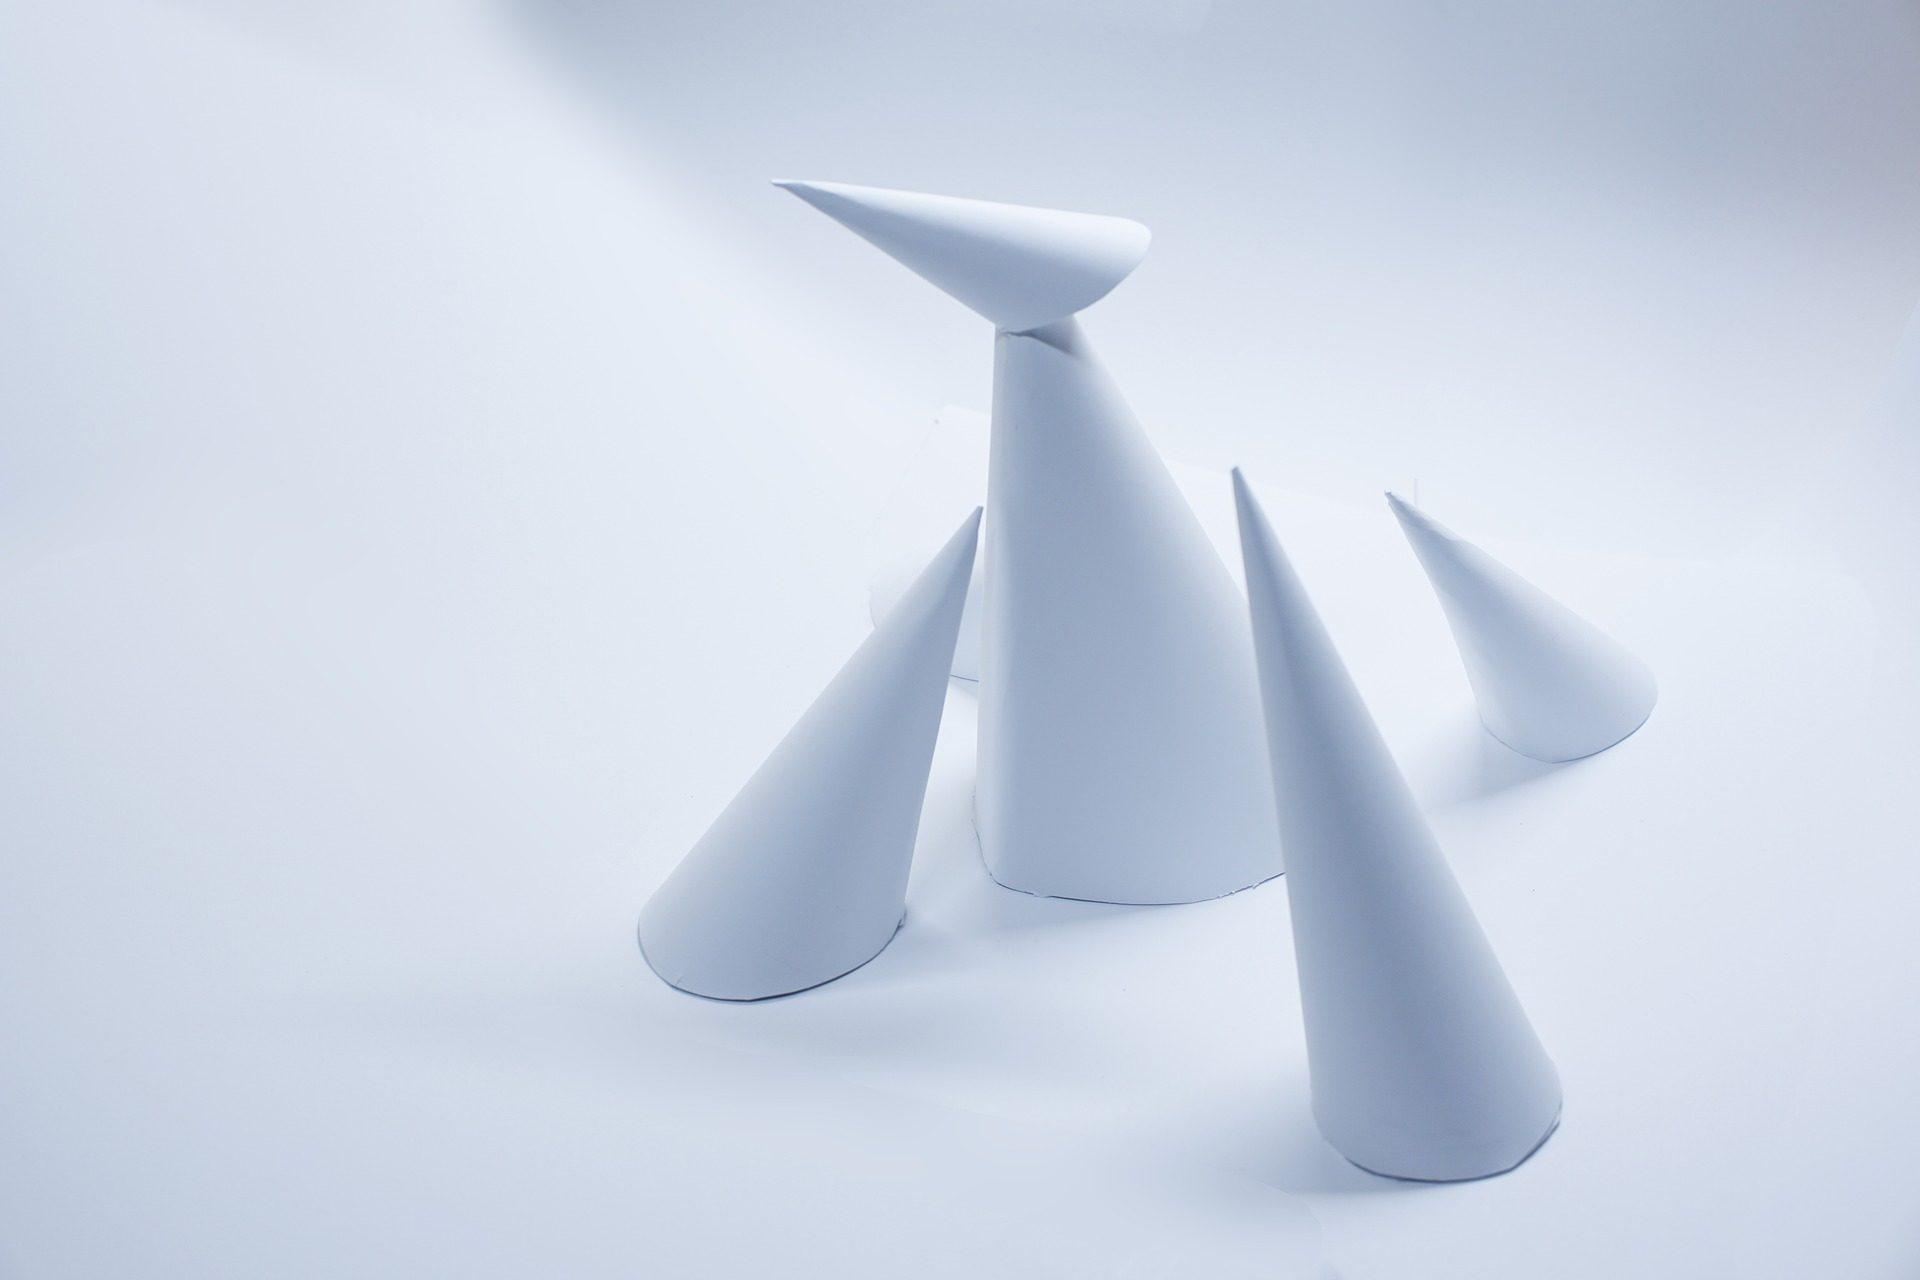 конусы, Бумага, цифры, Оригами, моделирование - Обои HD - Профессор falken.com